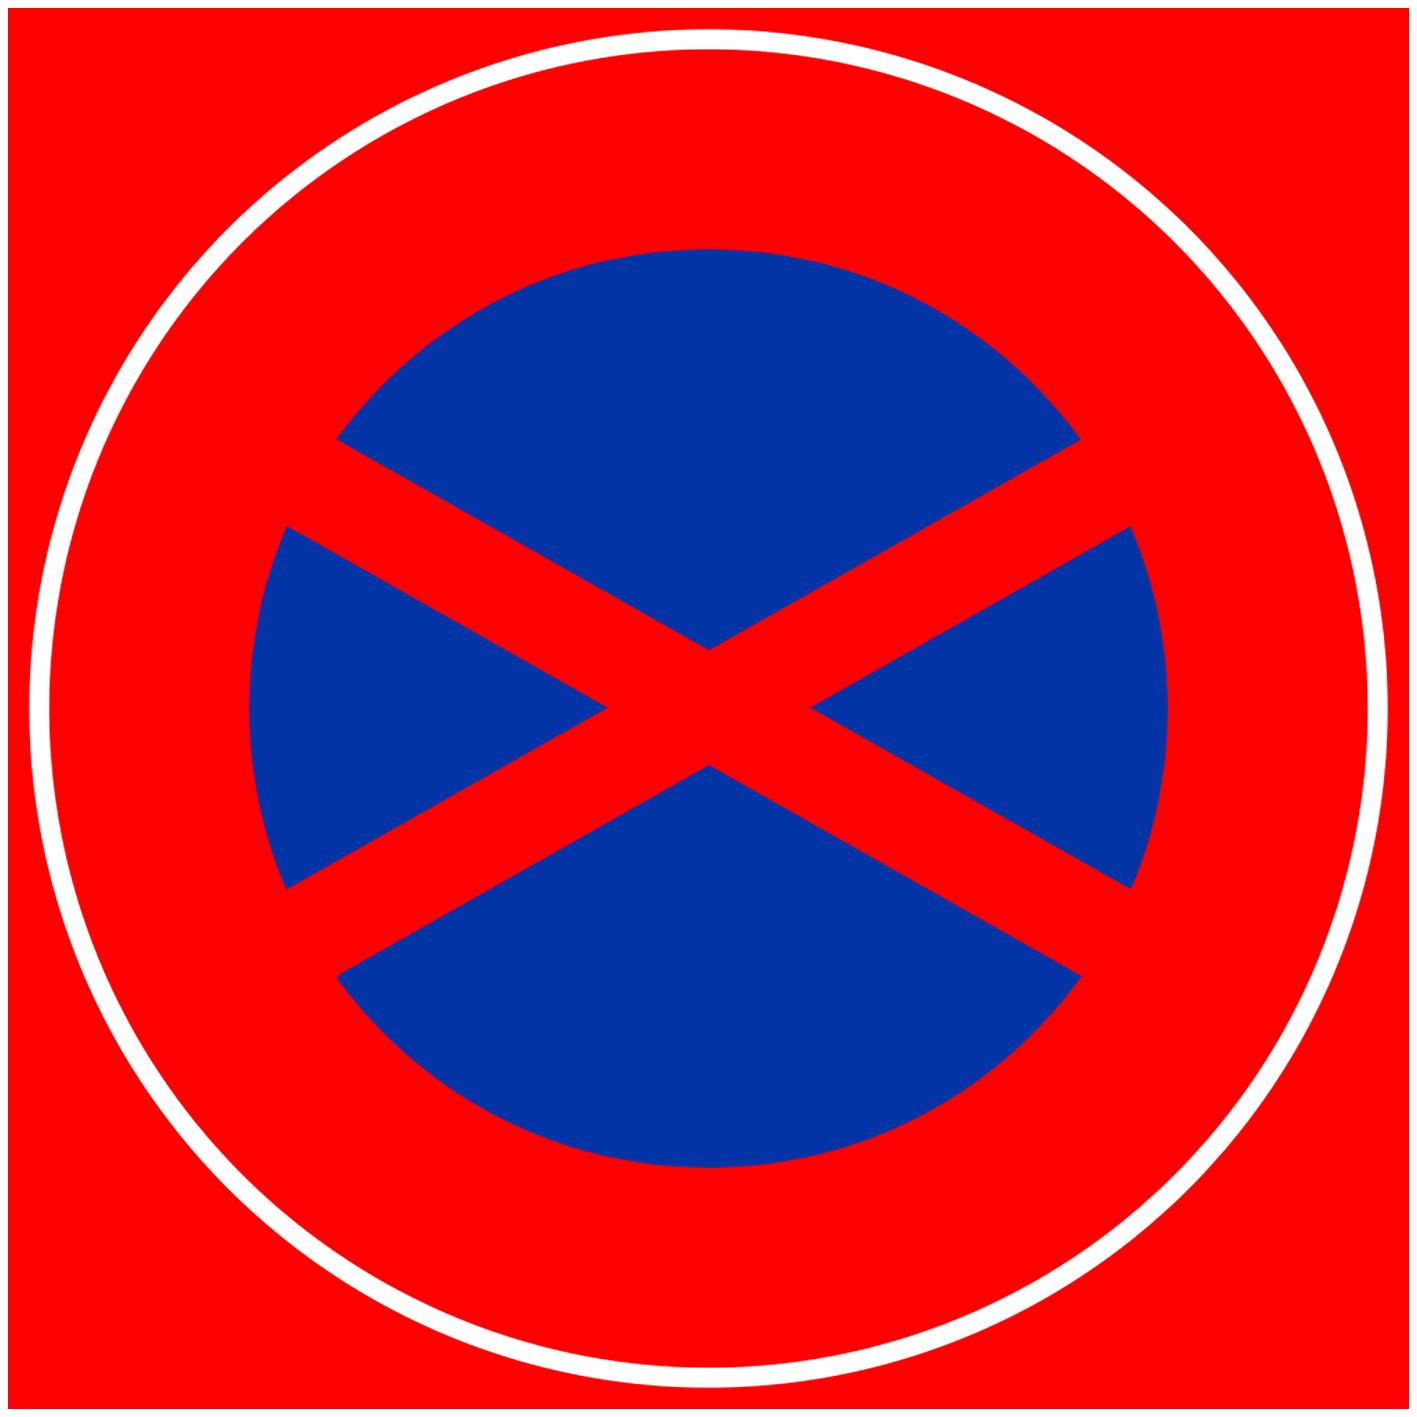 画像ギャラリー】駐車禁止に関する知っておきたい3つの重要情報 ...